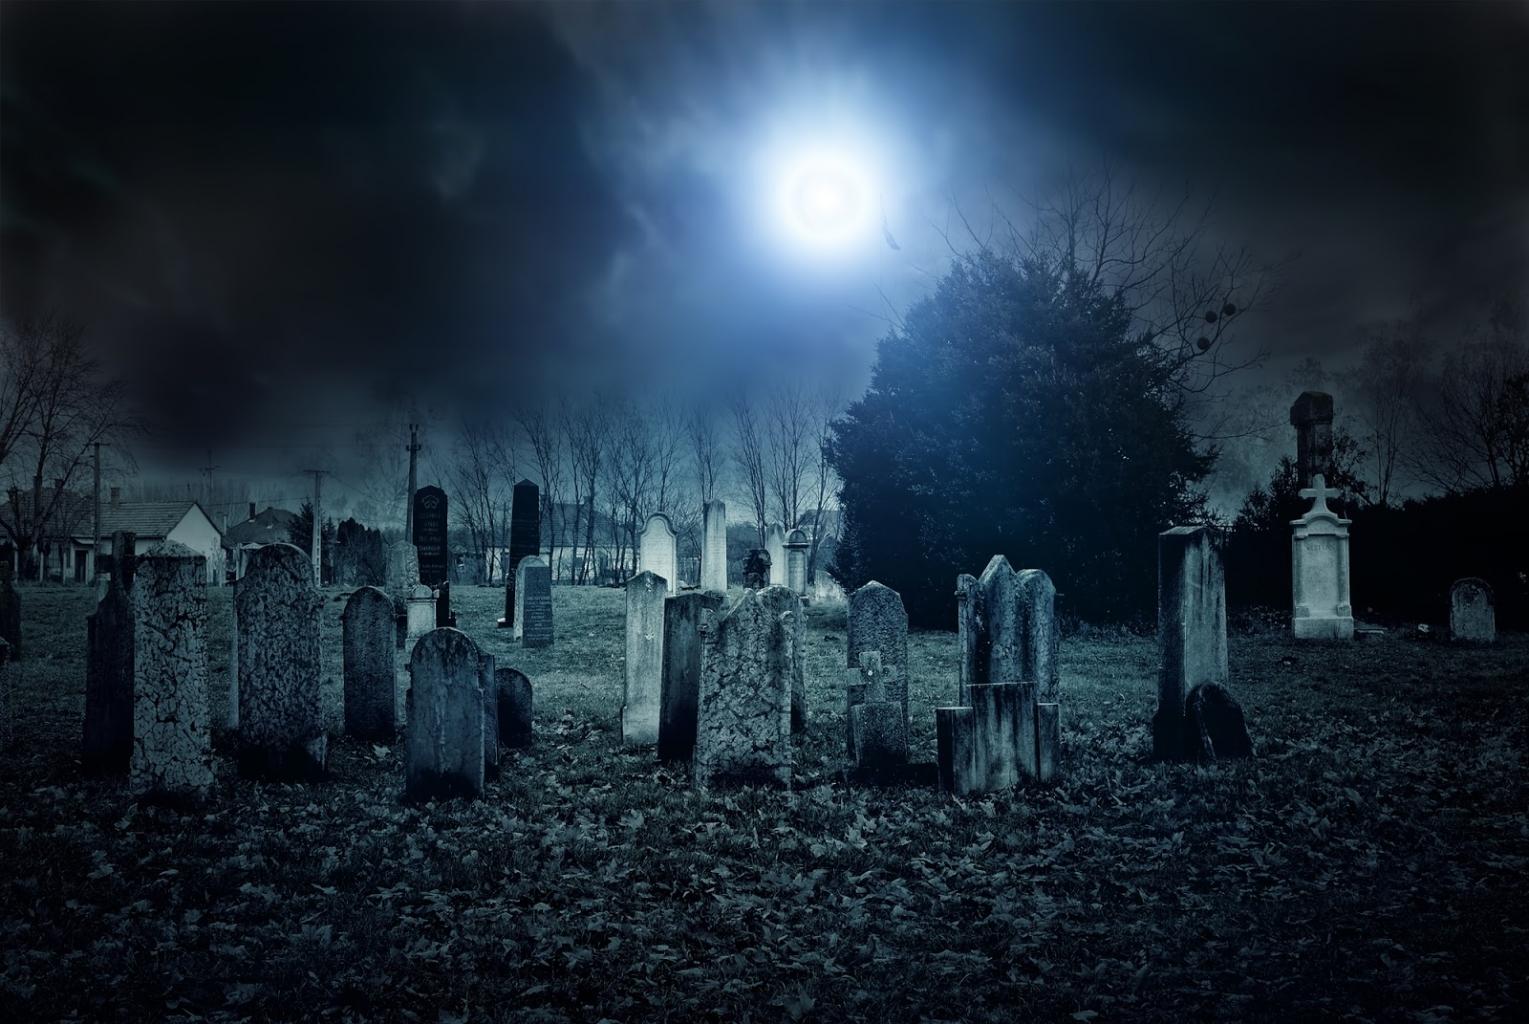 Welcher Tag eignet sich besser für eine nächtliche Tour auf dem Friedhof, als Halloween, das schon seit den Kelten als Samhainfest bekannt ist?